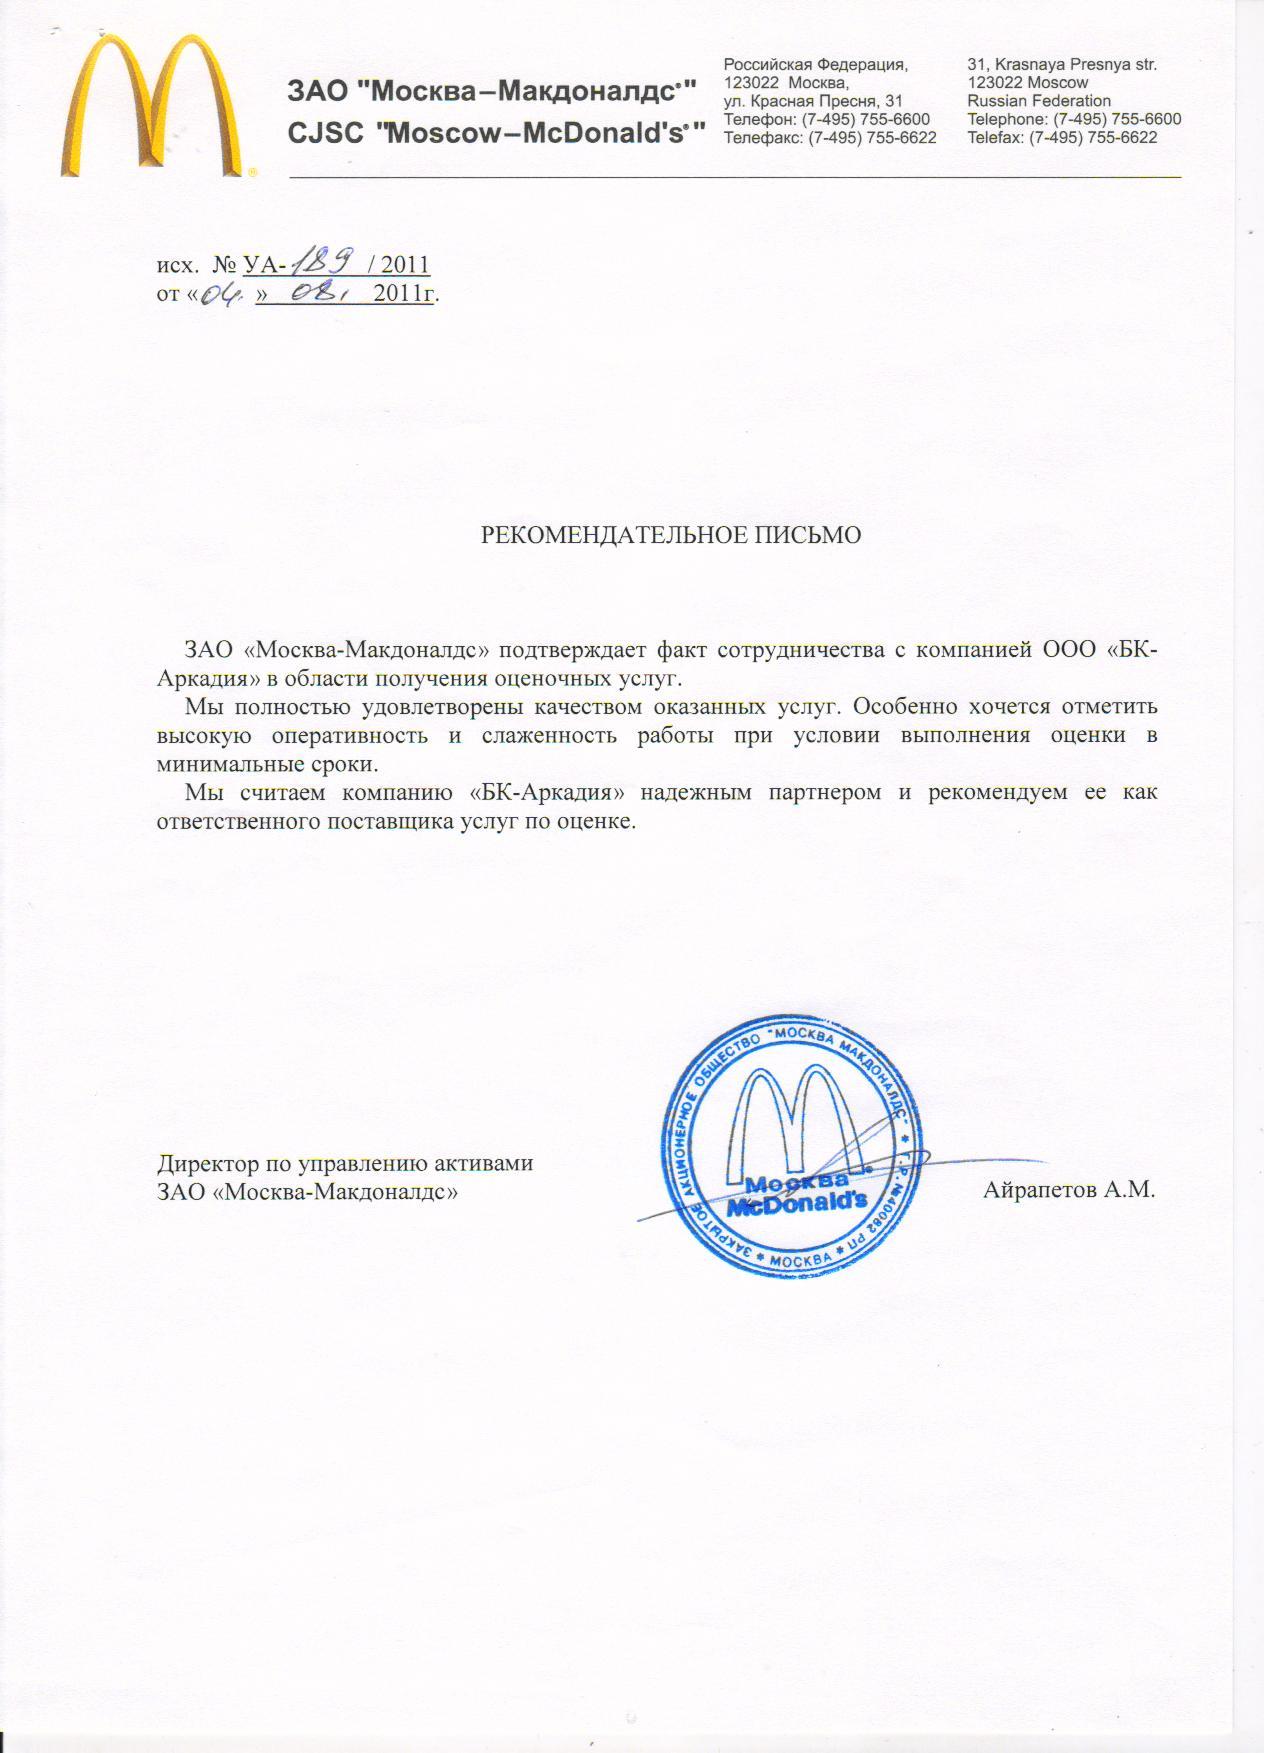 Квартиры в новостройках Москвы от застройщика ЗАО ФЦСР